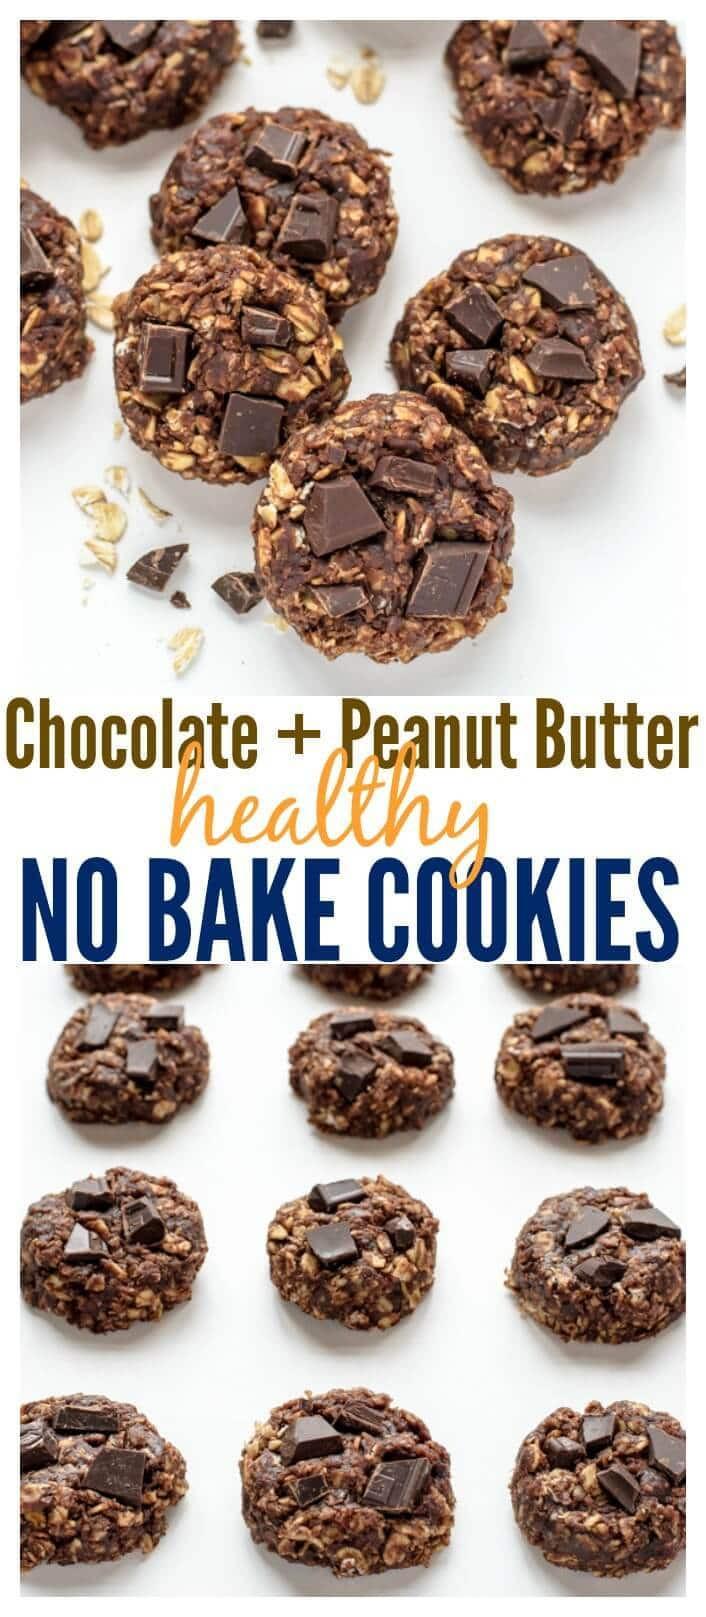 Healthy Peanut butter No Bake Cookies 20 Ideas for Healthy No Bake Cookies with Chocolate and Peanut butter